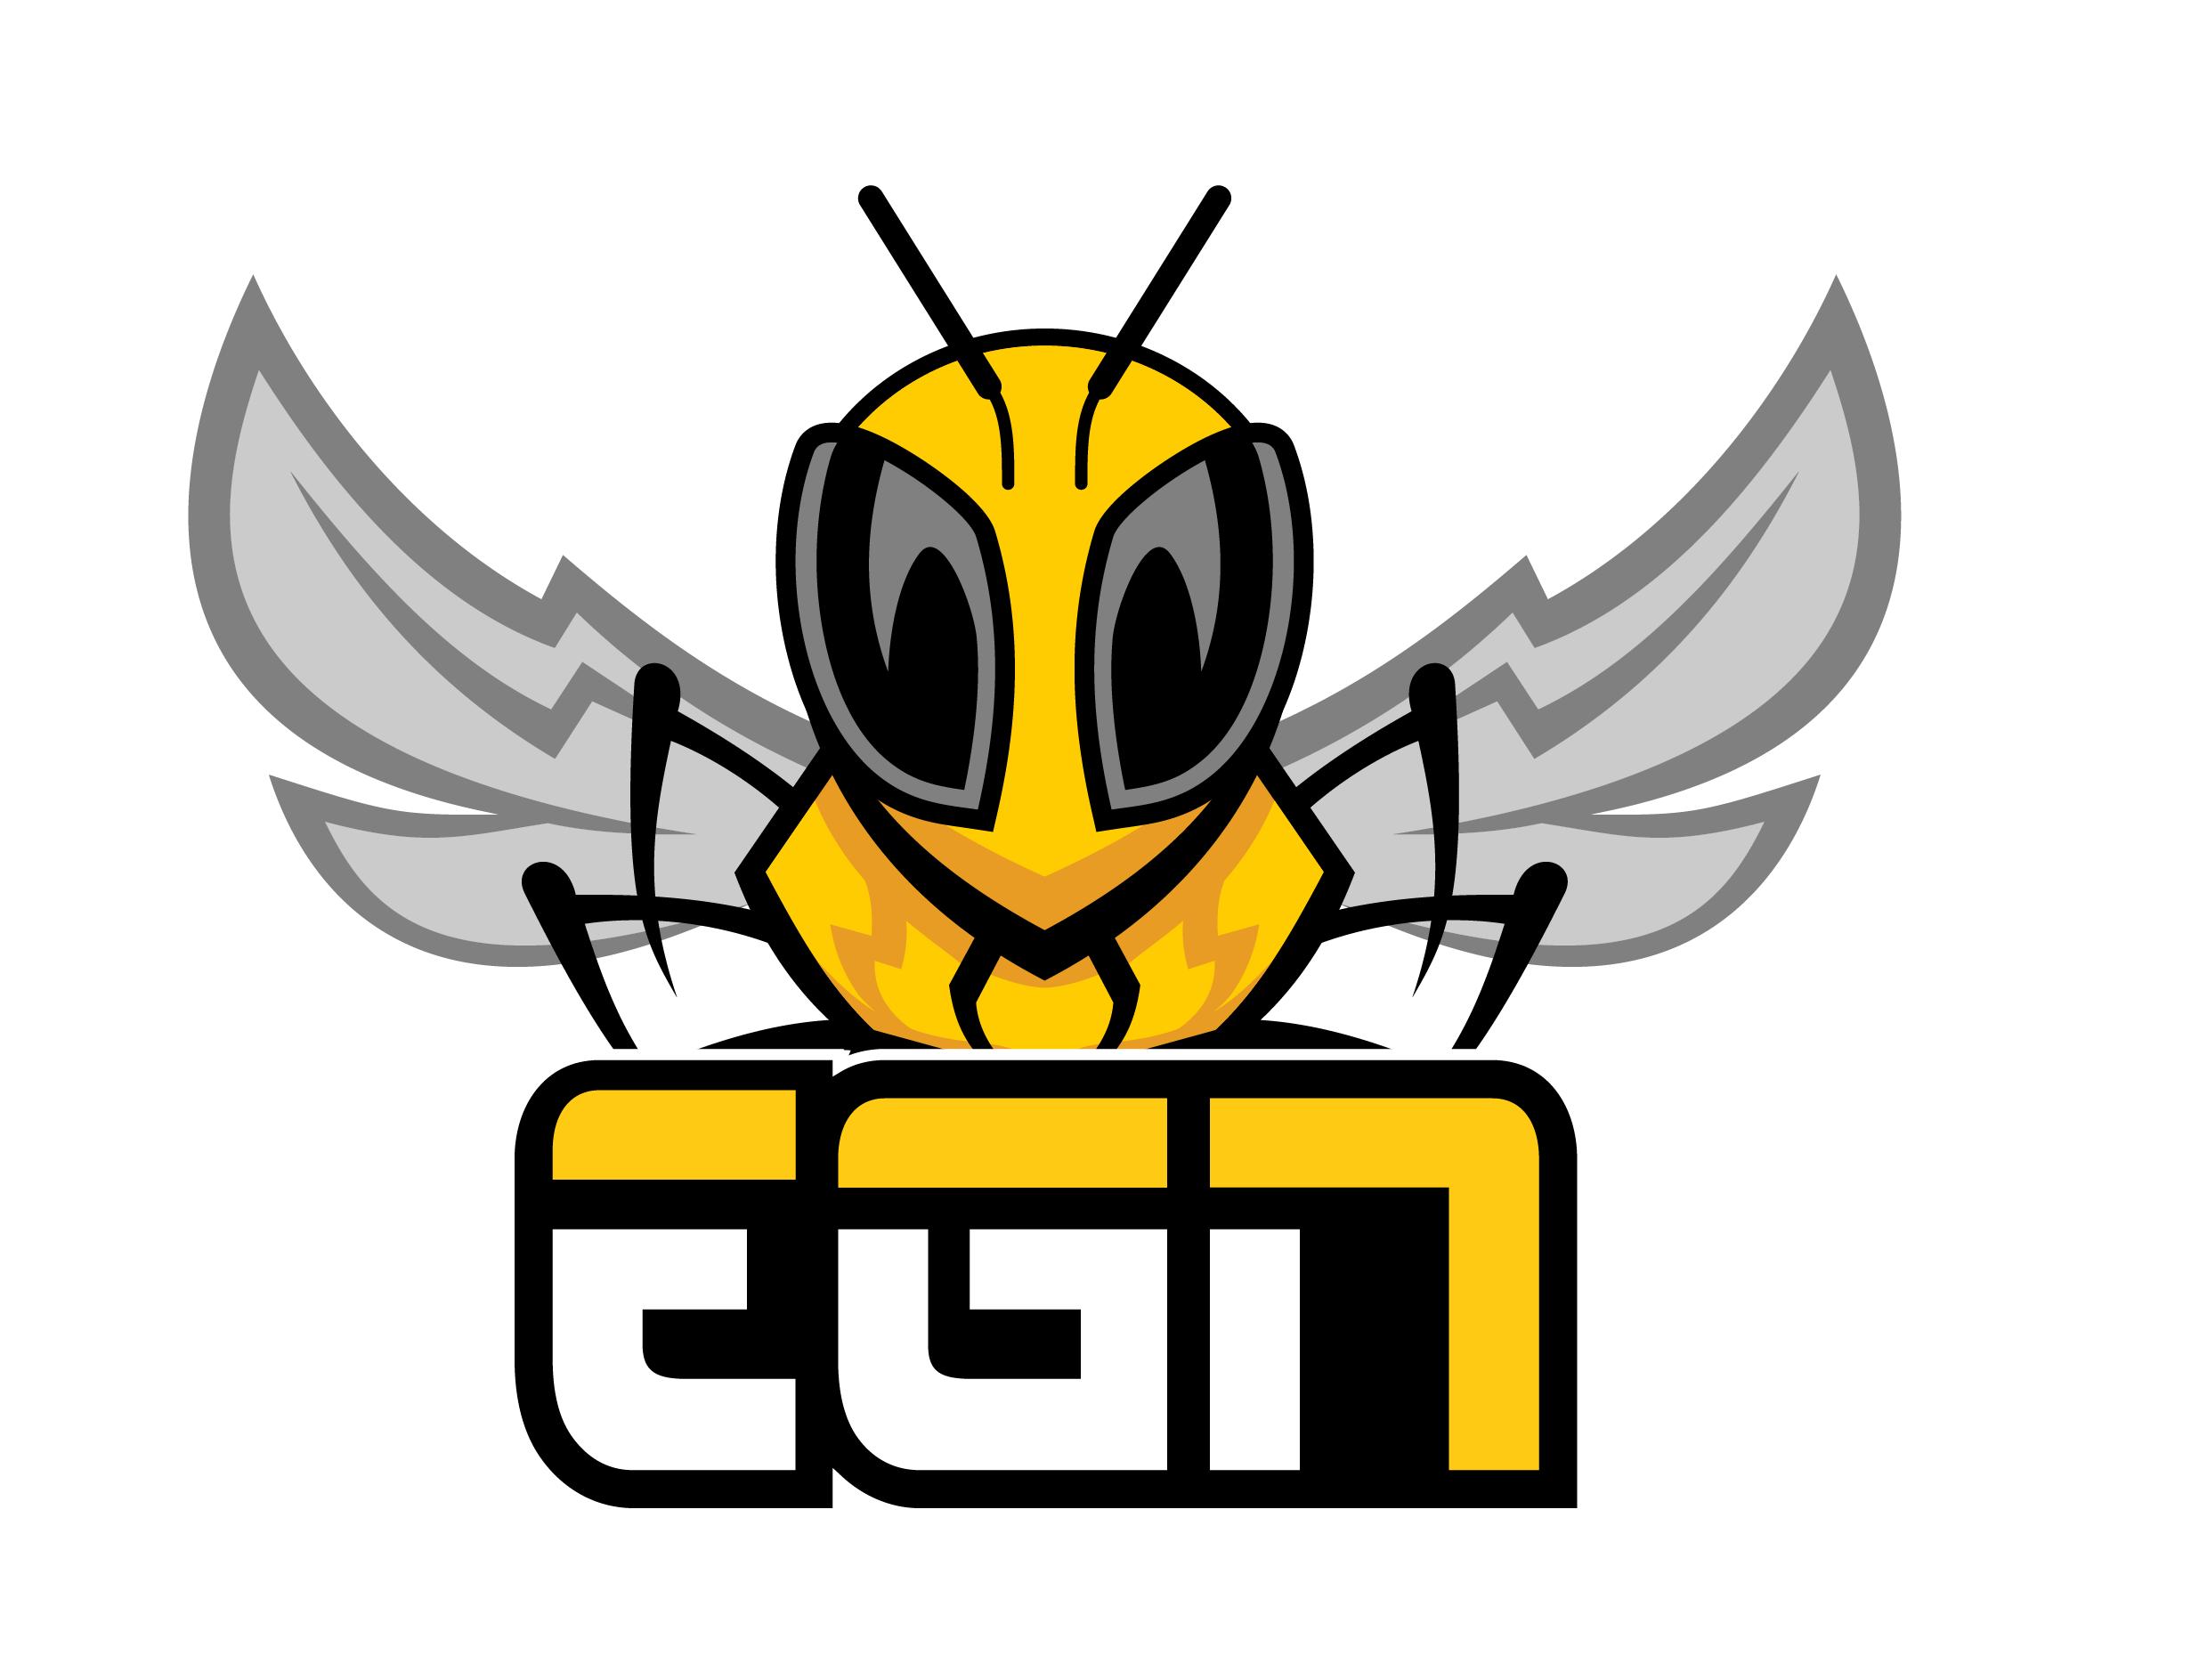 EGN Esports | Portuguese esports organization